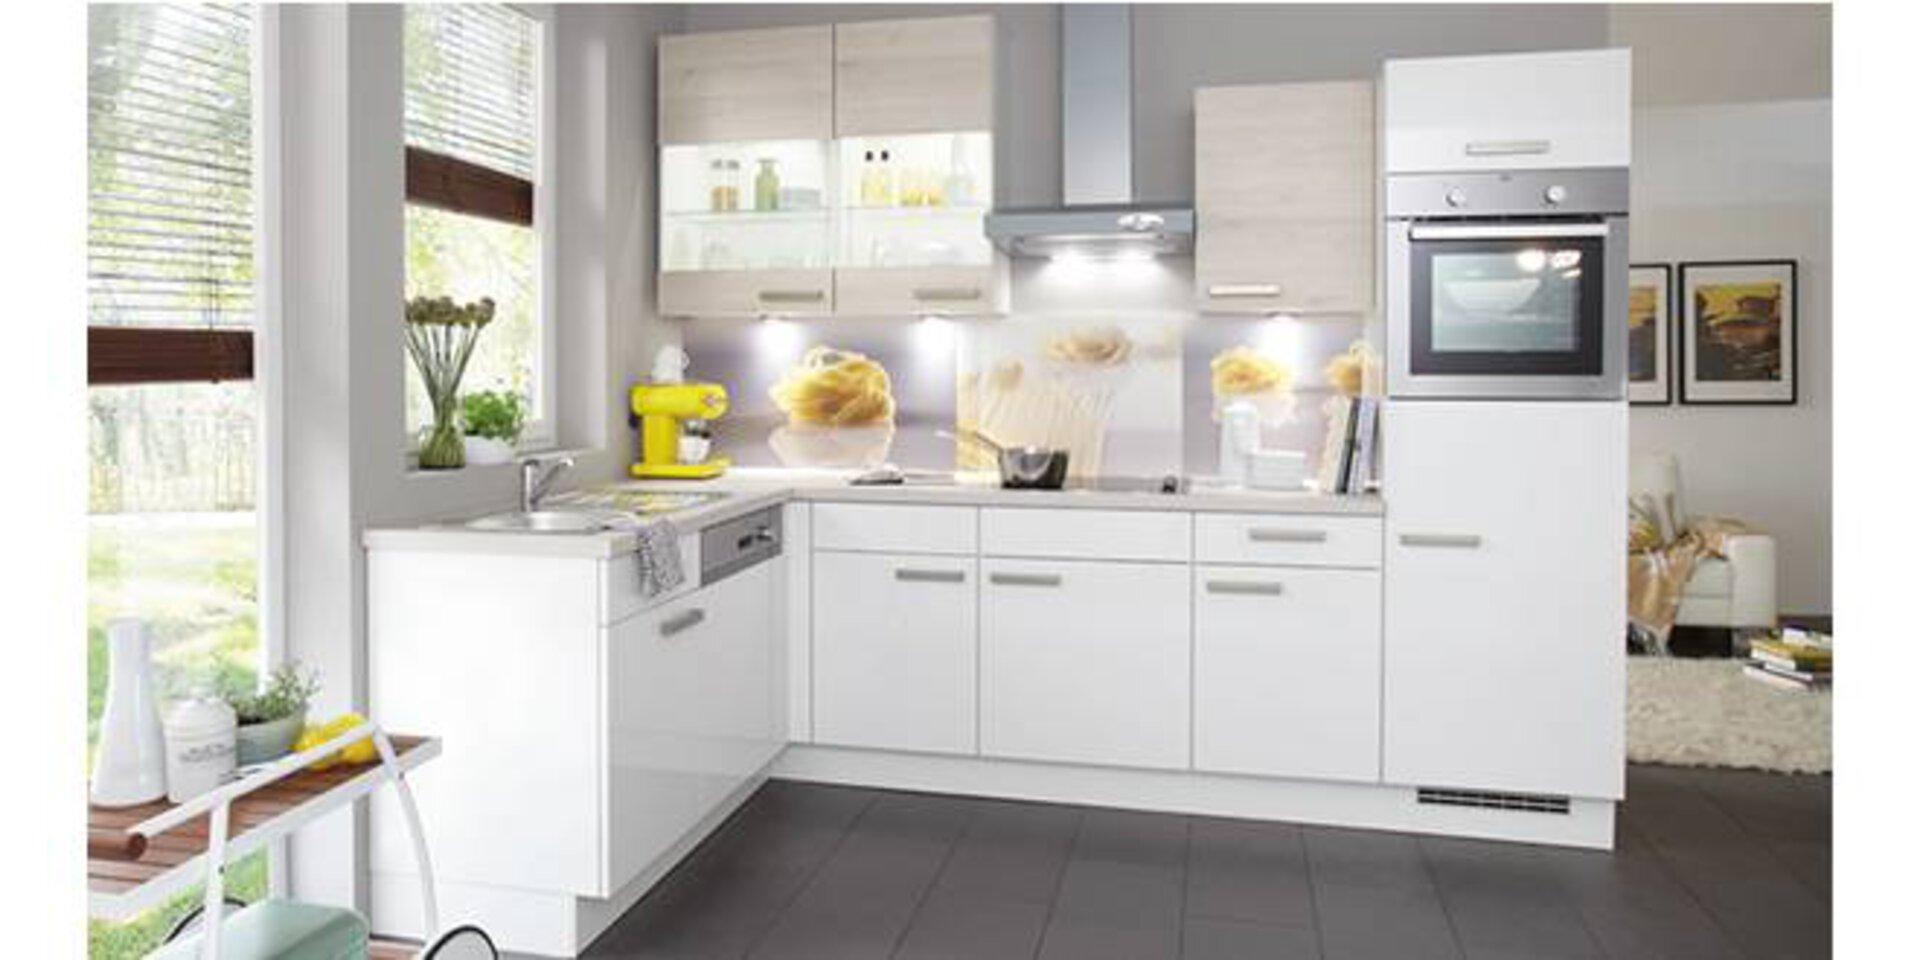 Weiße Küche in L-Form nützt perfekt die Ecke aus. Die abgebildete helle Küche mit Einbaugeräten und Hängeschränken zeigt eine mögliche Planungsküche.